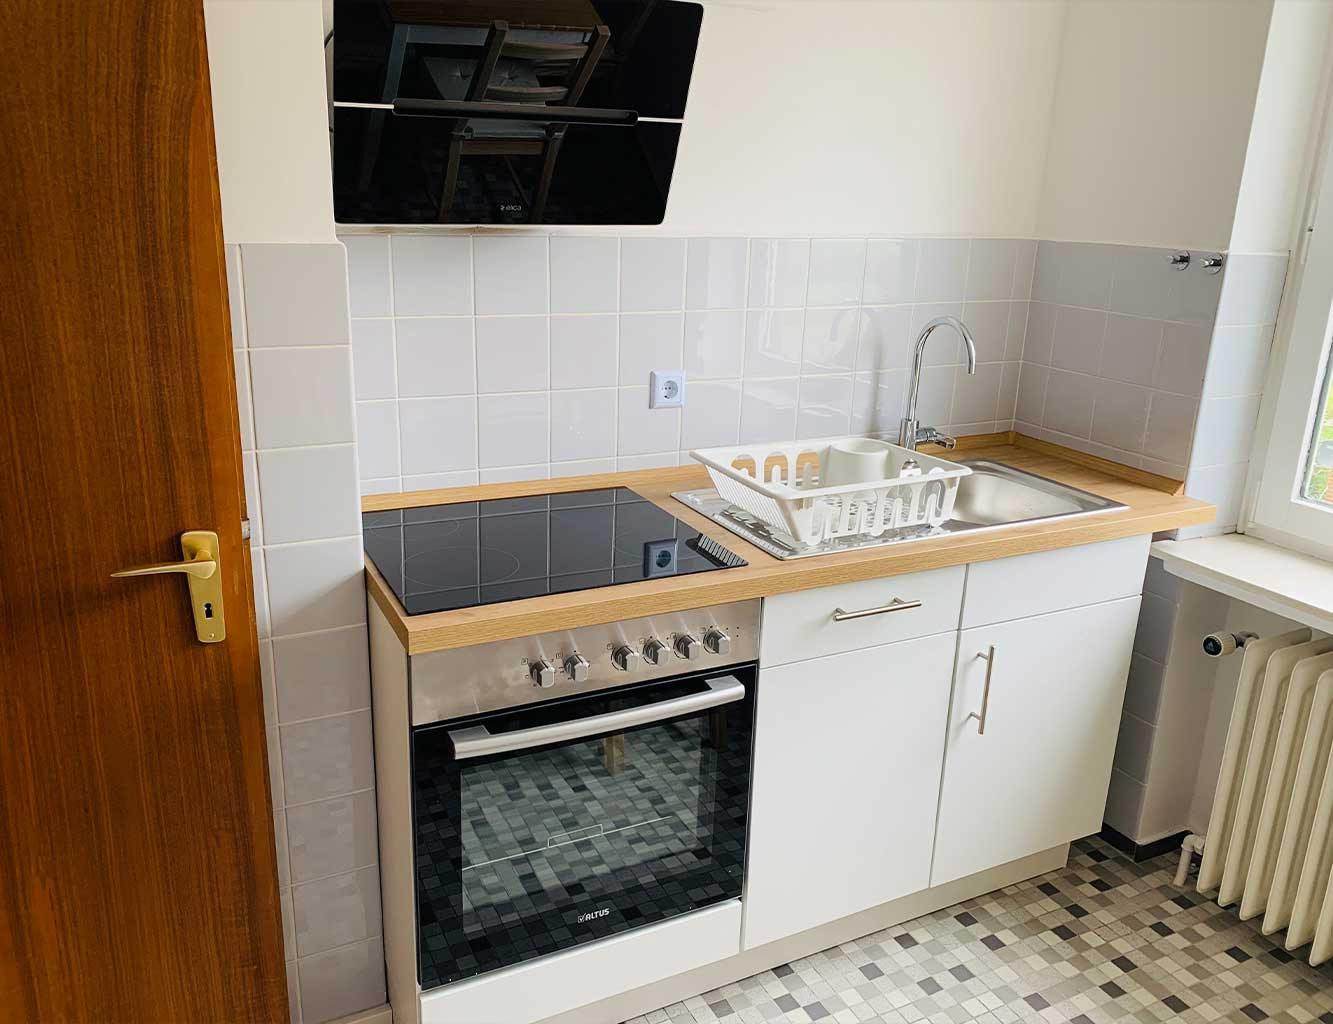 Hotel-Fährhaus-Kirschenland-Ferienwohnung-Obergeschoss-Küche-Herd